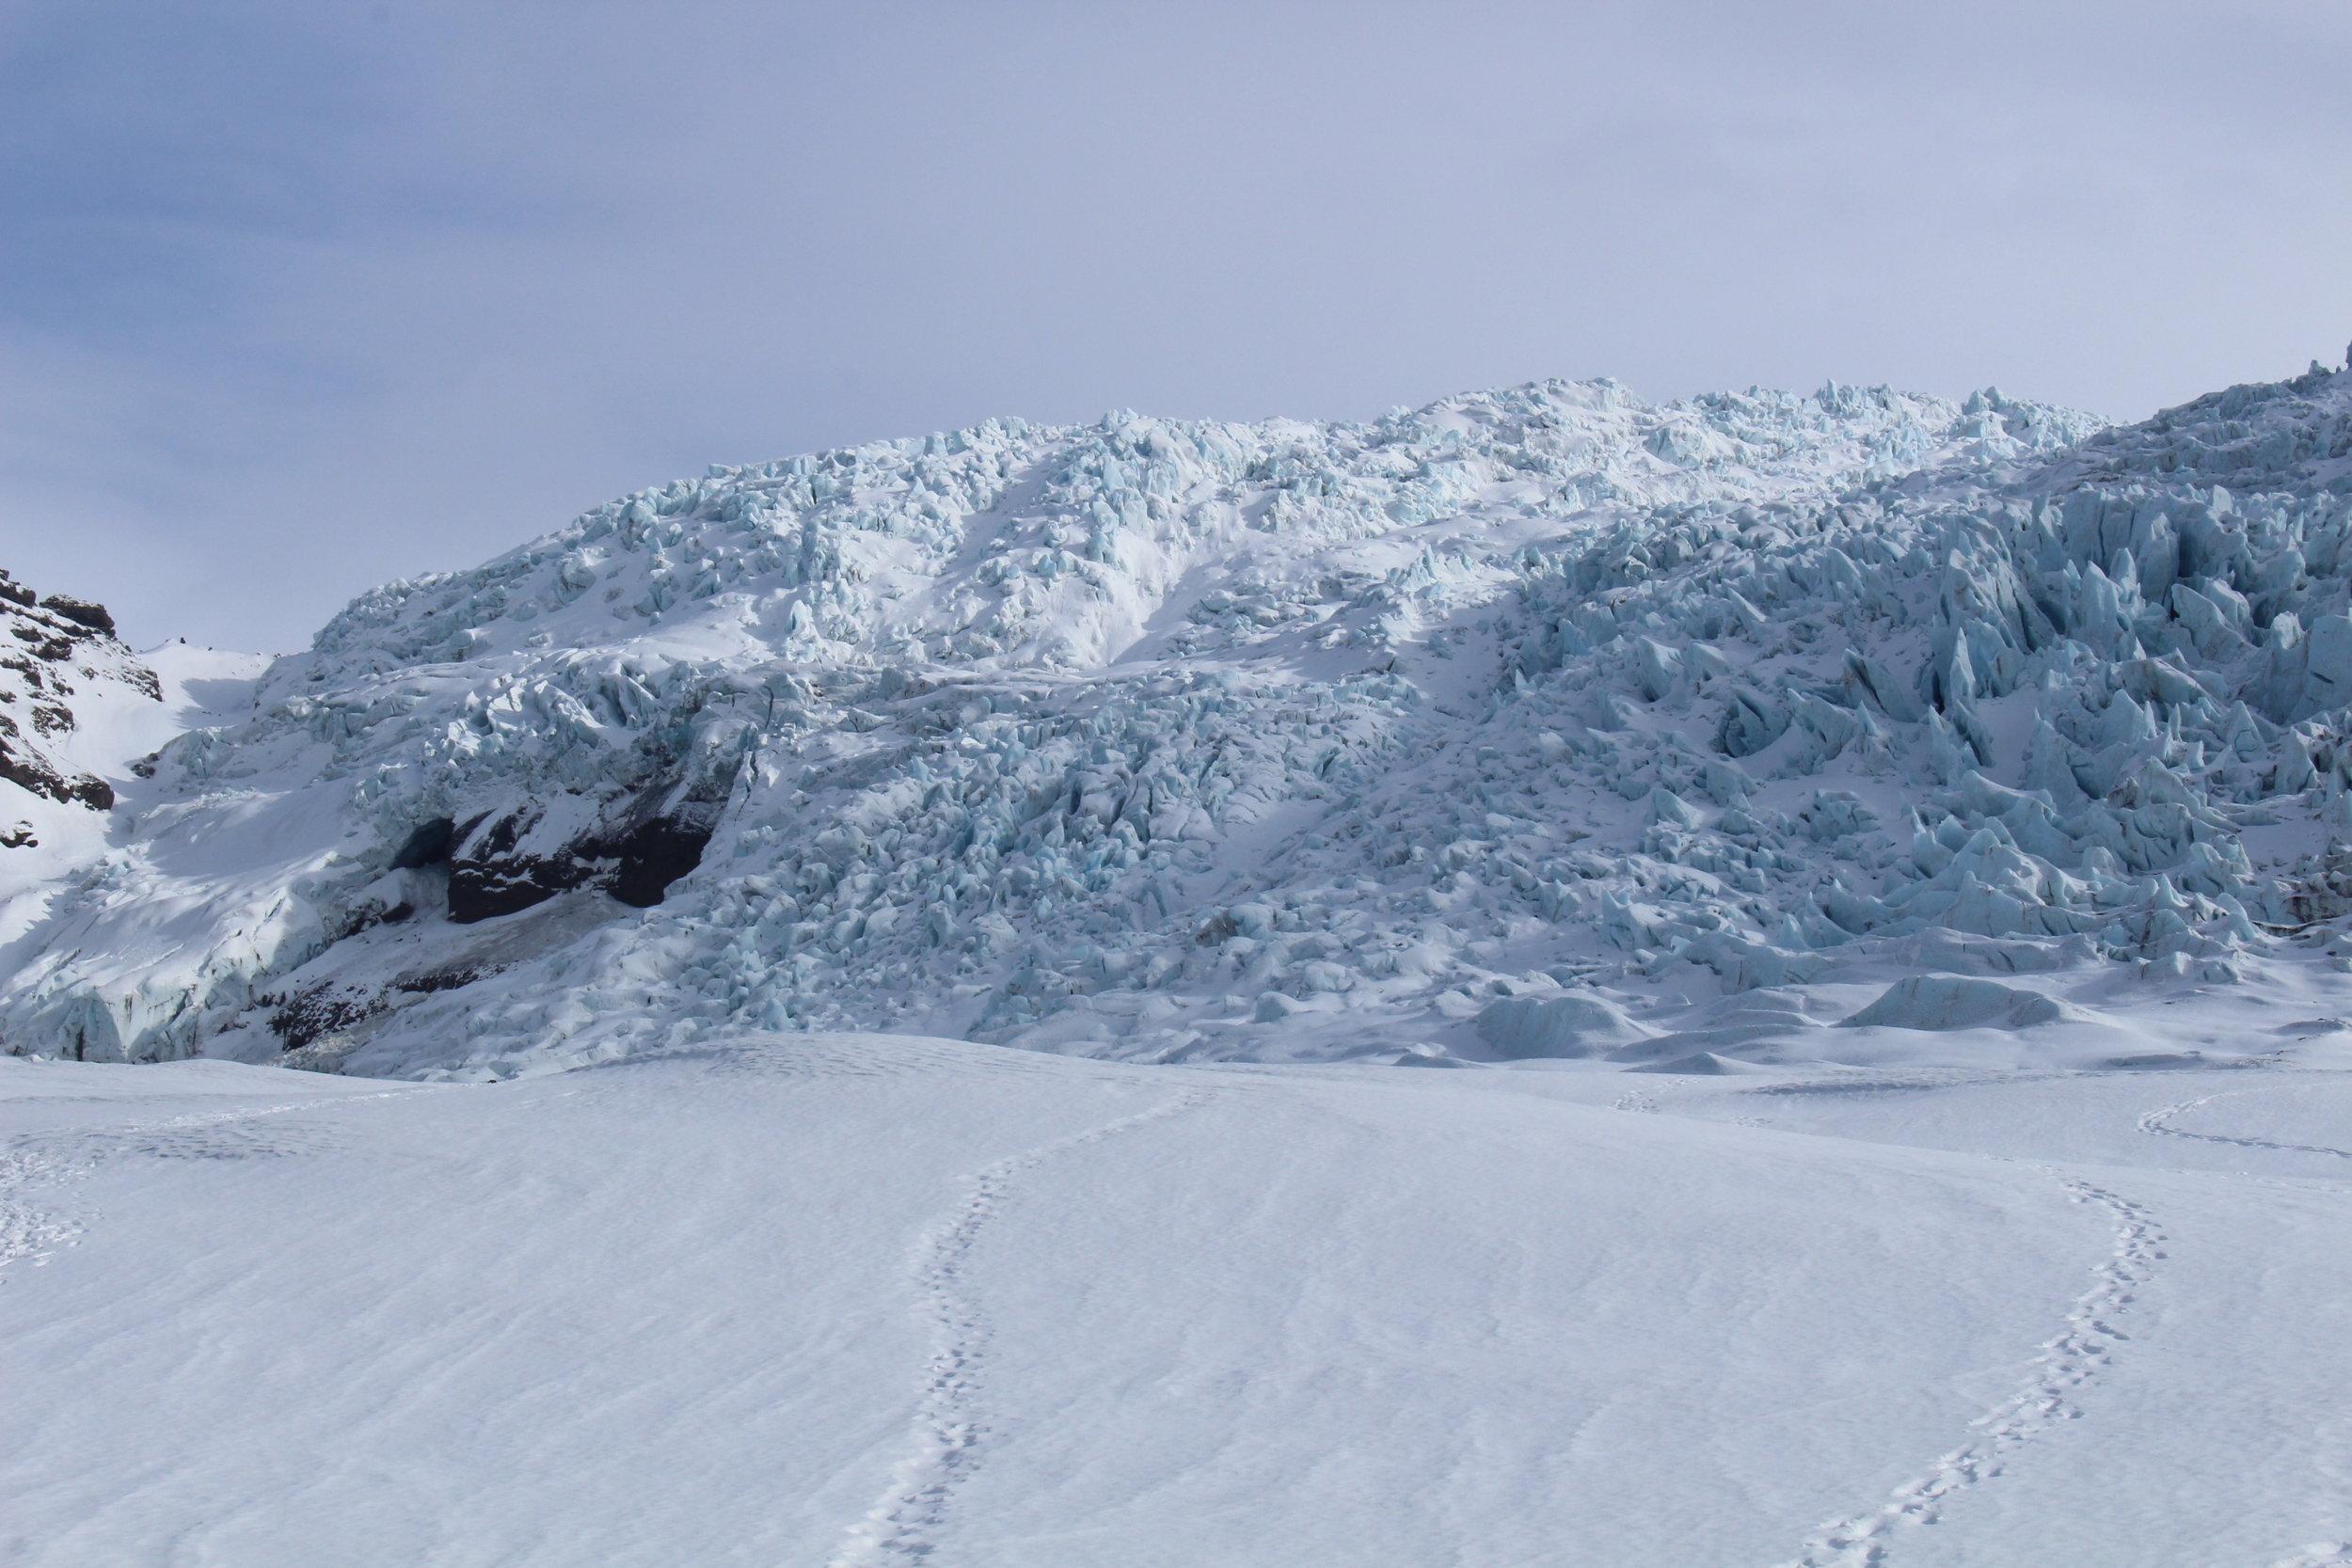 Falljökull Glacier, part of Vatnajökull icecap